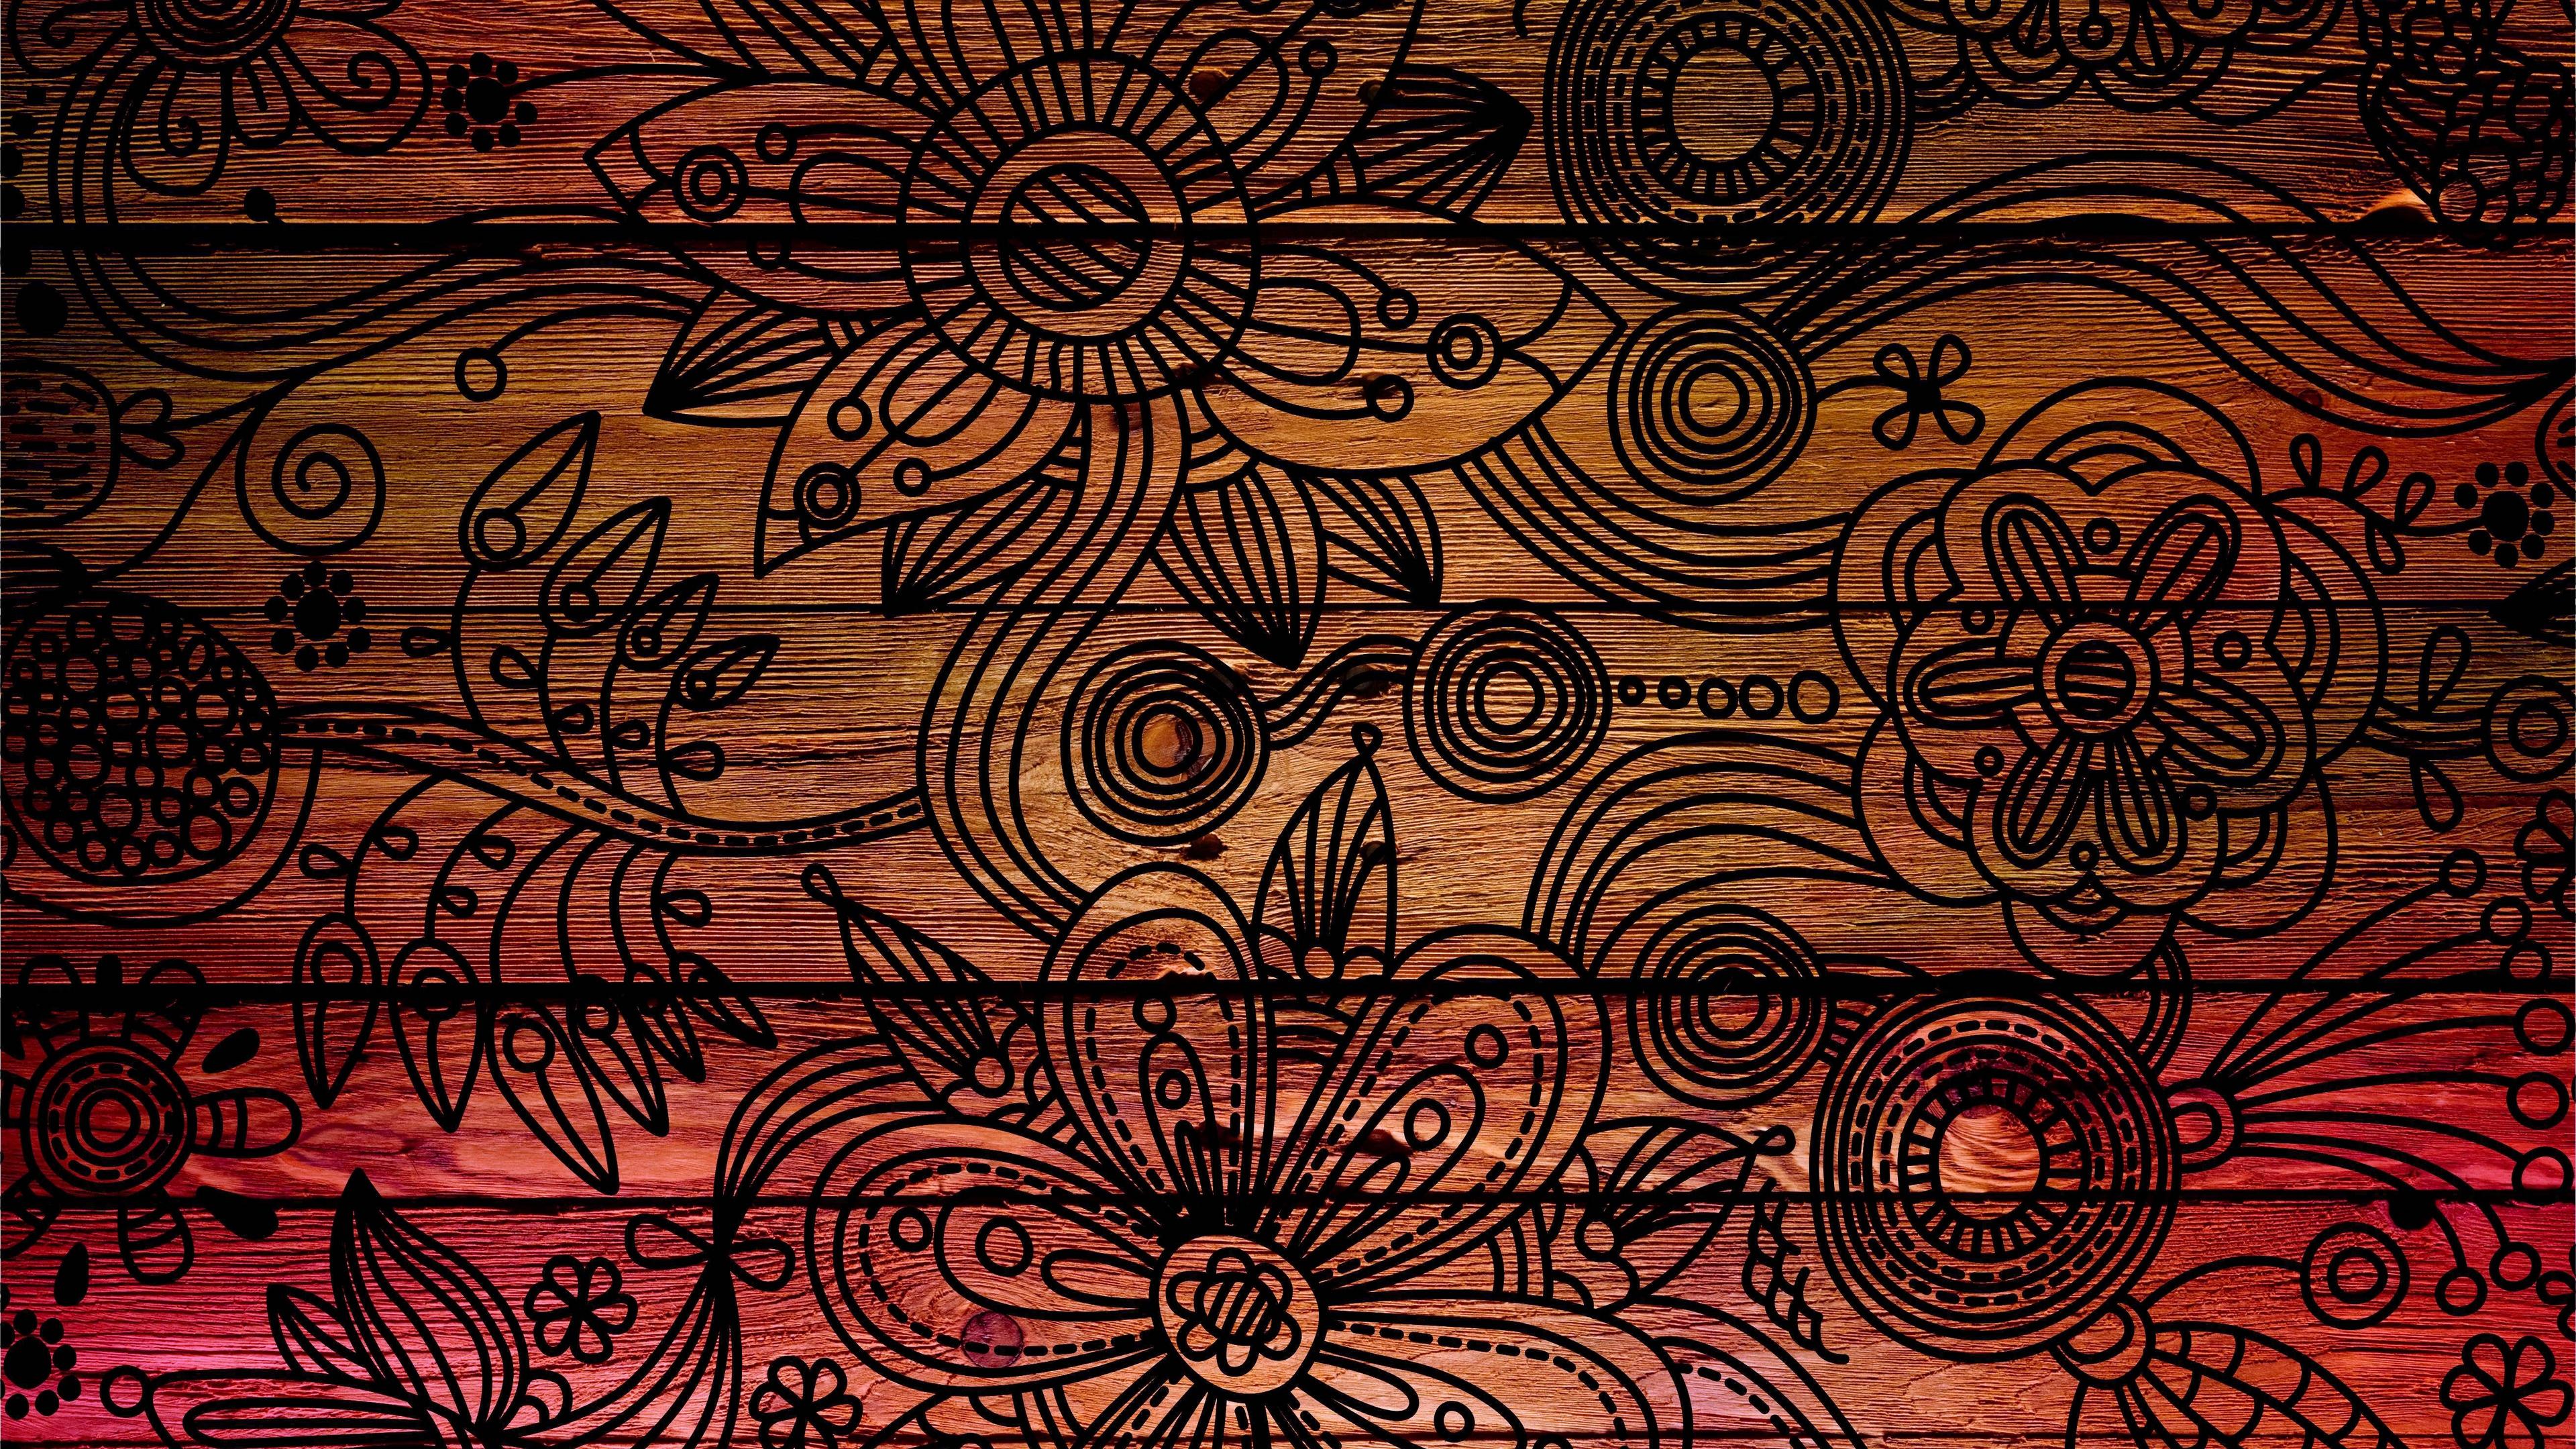 patterns background dark wooden texture 4k 1536097900 - patterns, background, dark, wooden, texture 4k - patterns, Dark, Background